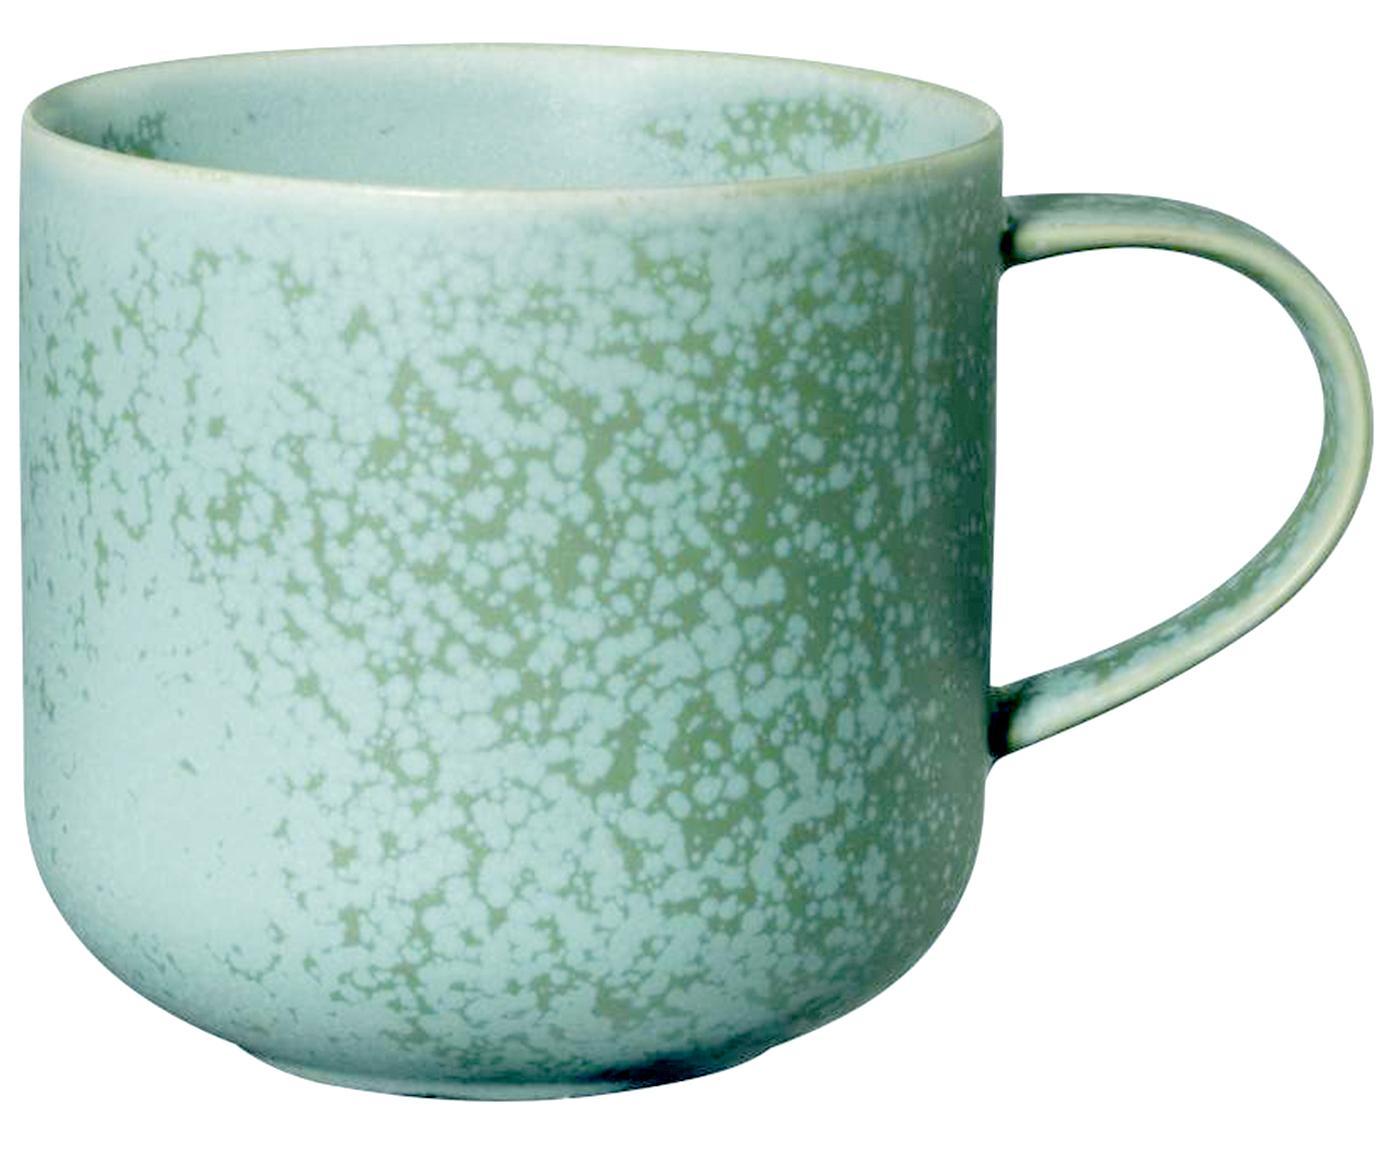 Handgefertigte Tassen Coppa in Mintgrün und braun gesprenkelt, 2 Stück, Porzellan, Mintgrüntöne, 400 ml